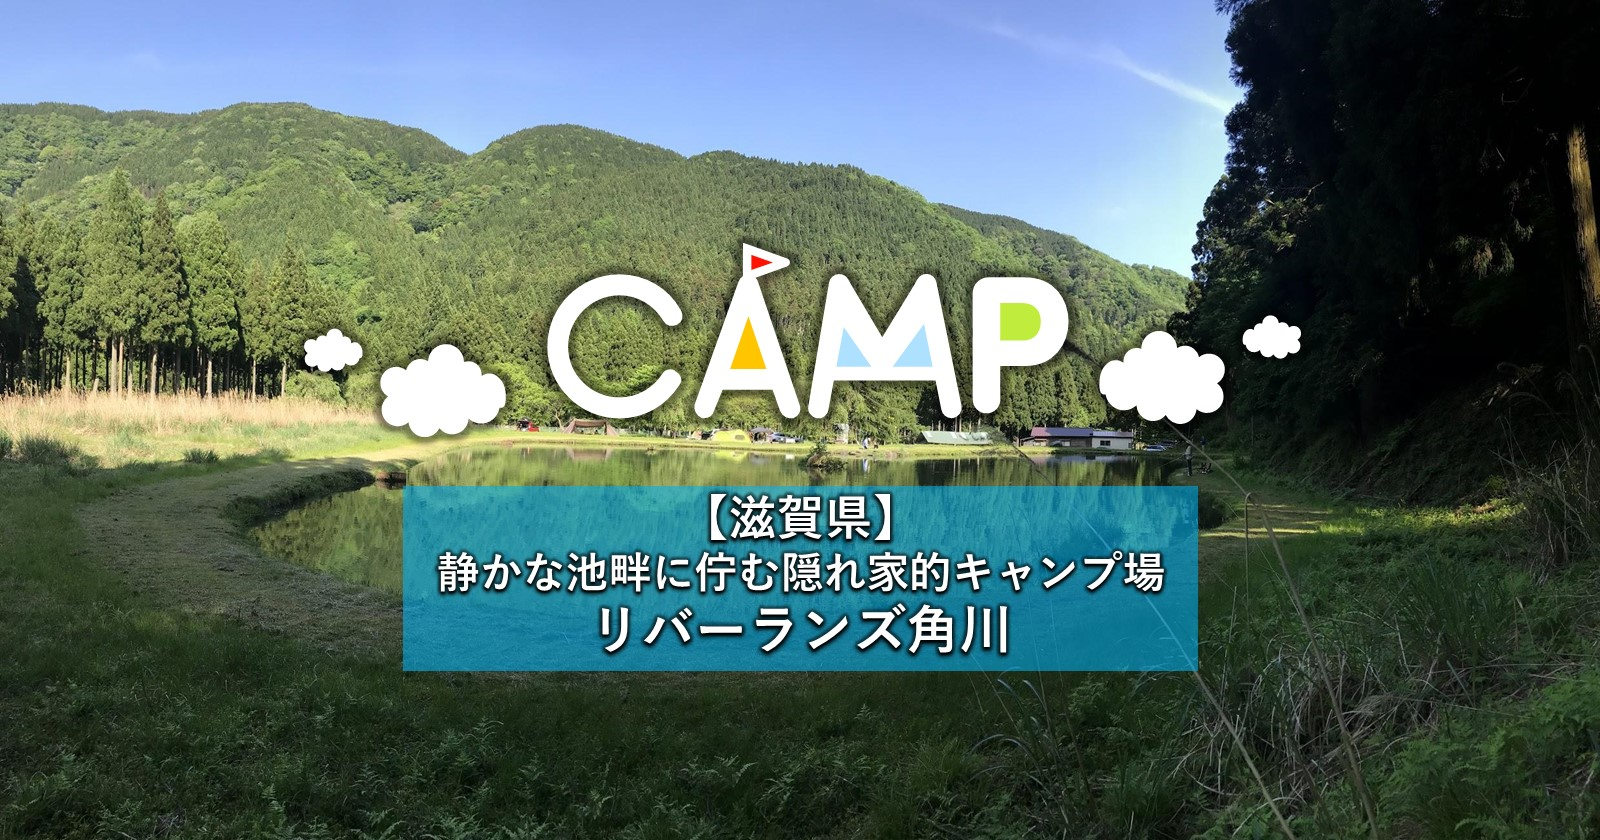 【滋賀県】 見つけた! 静かな池畔に佇む隠れ家的キャンプ場リバーランズ角川